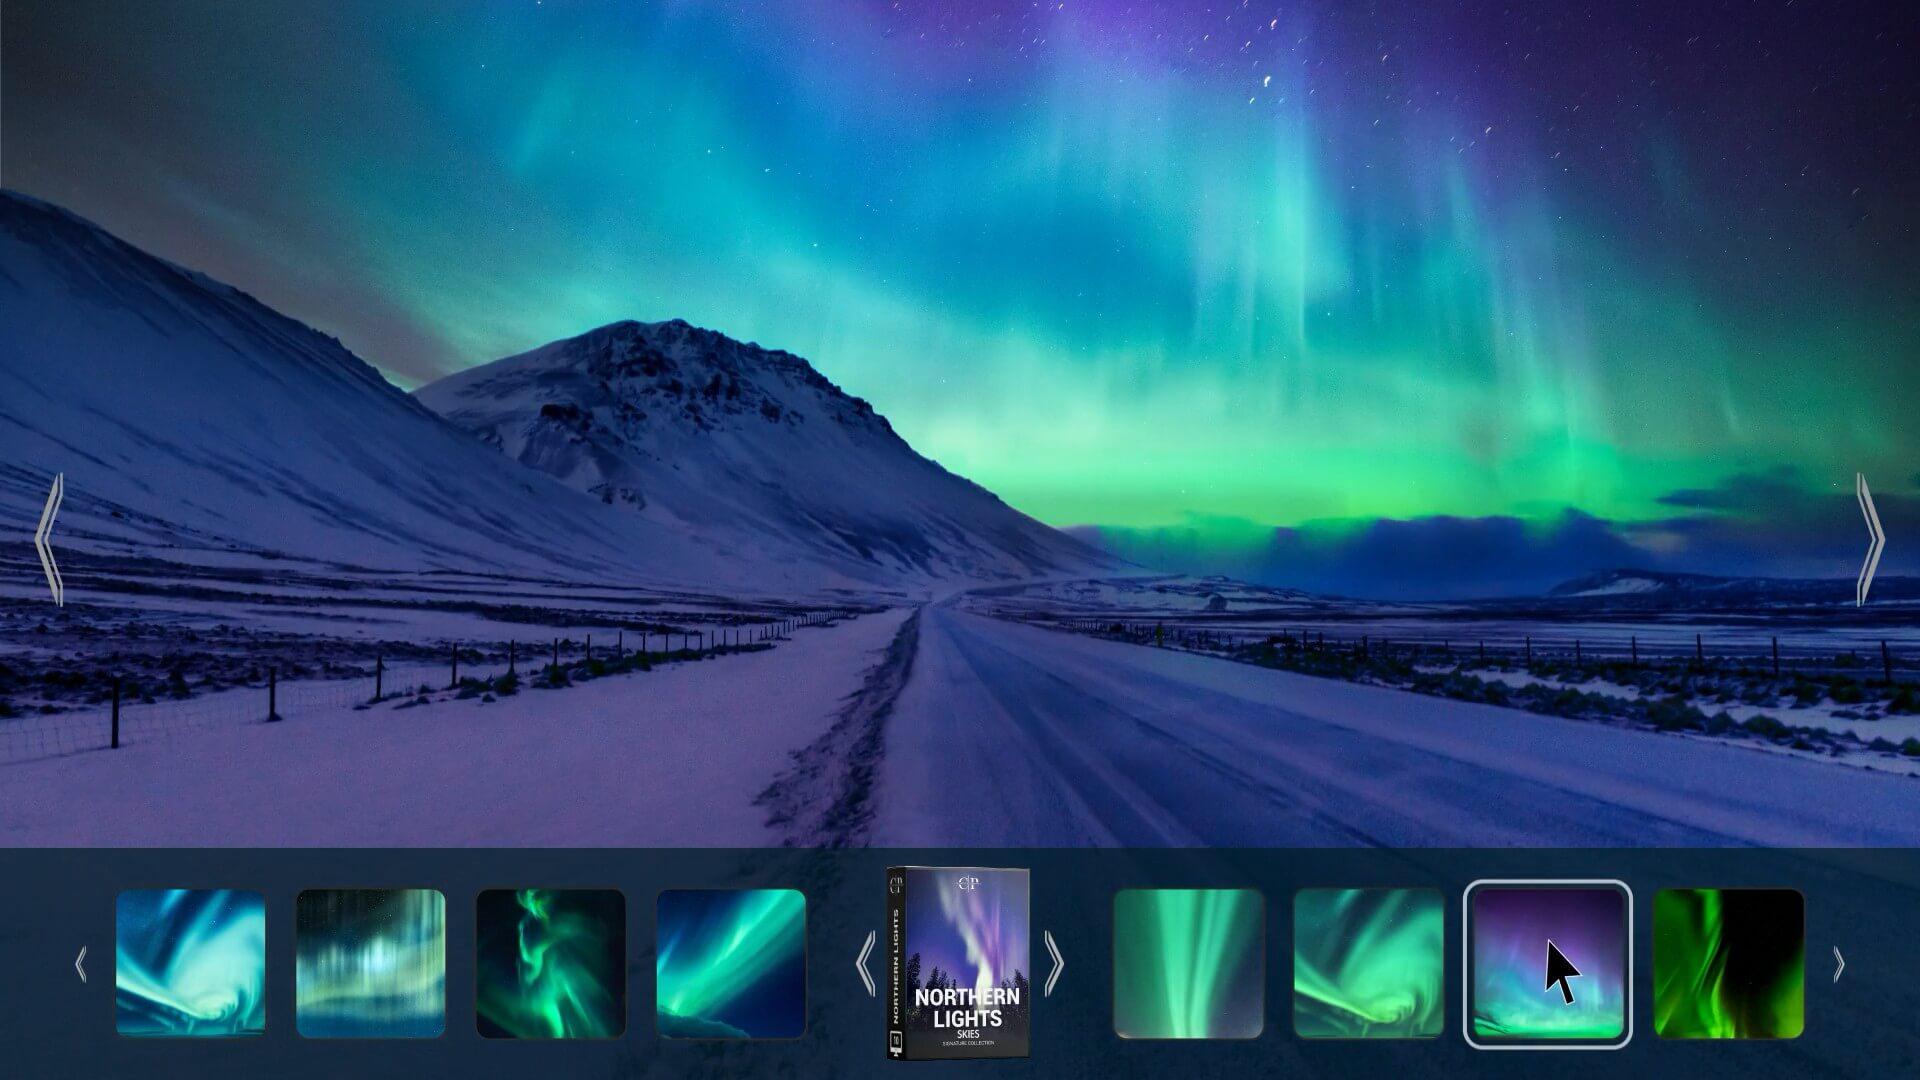 图片素材 130张高分辨率天空背景素材 为视频替换各类天空